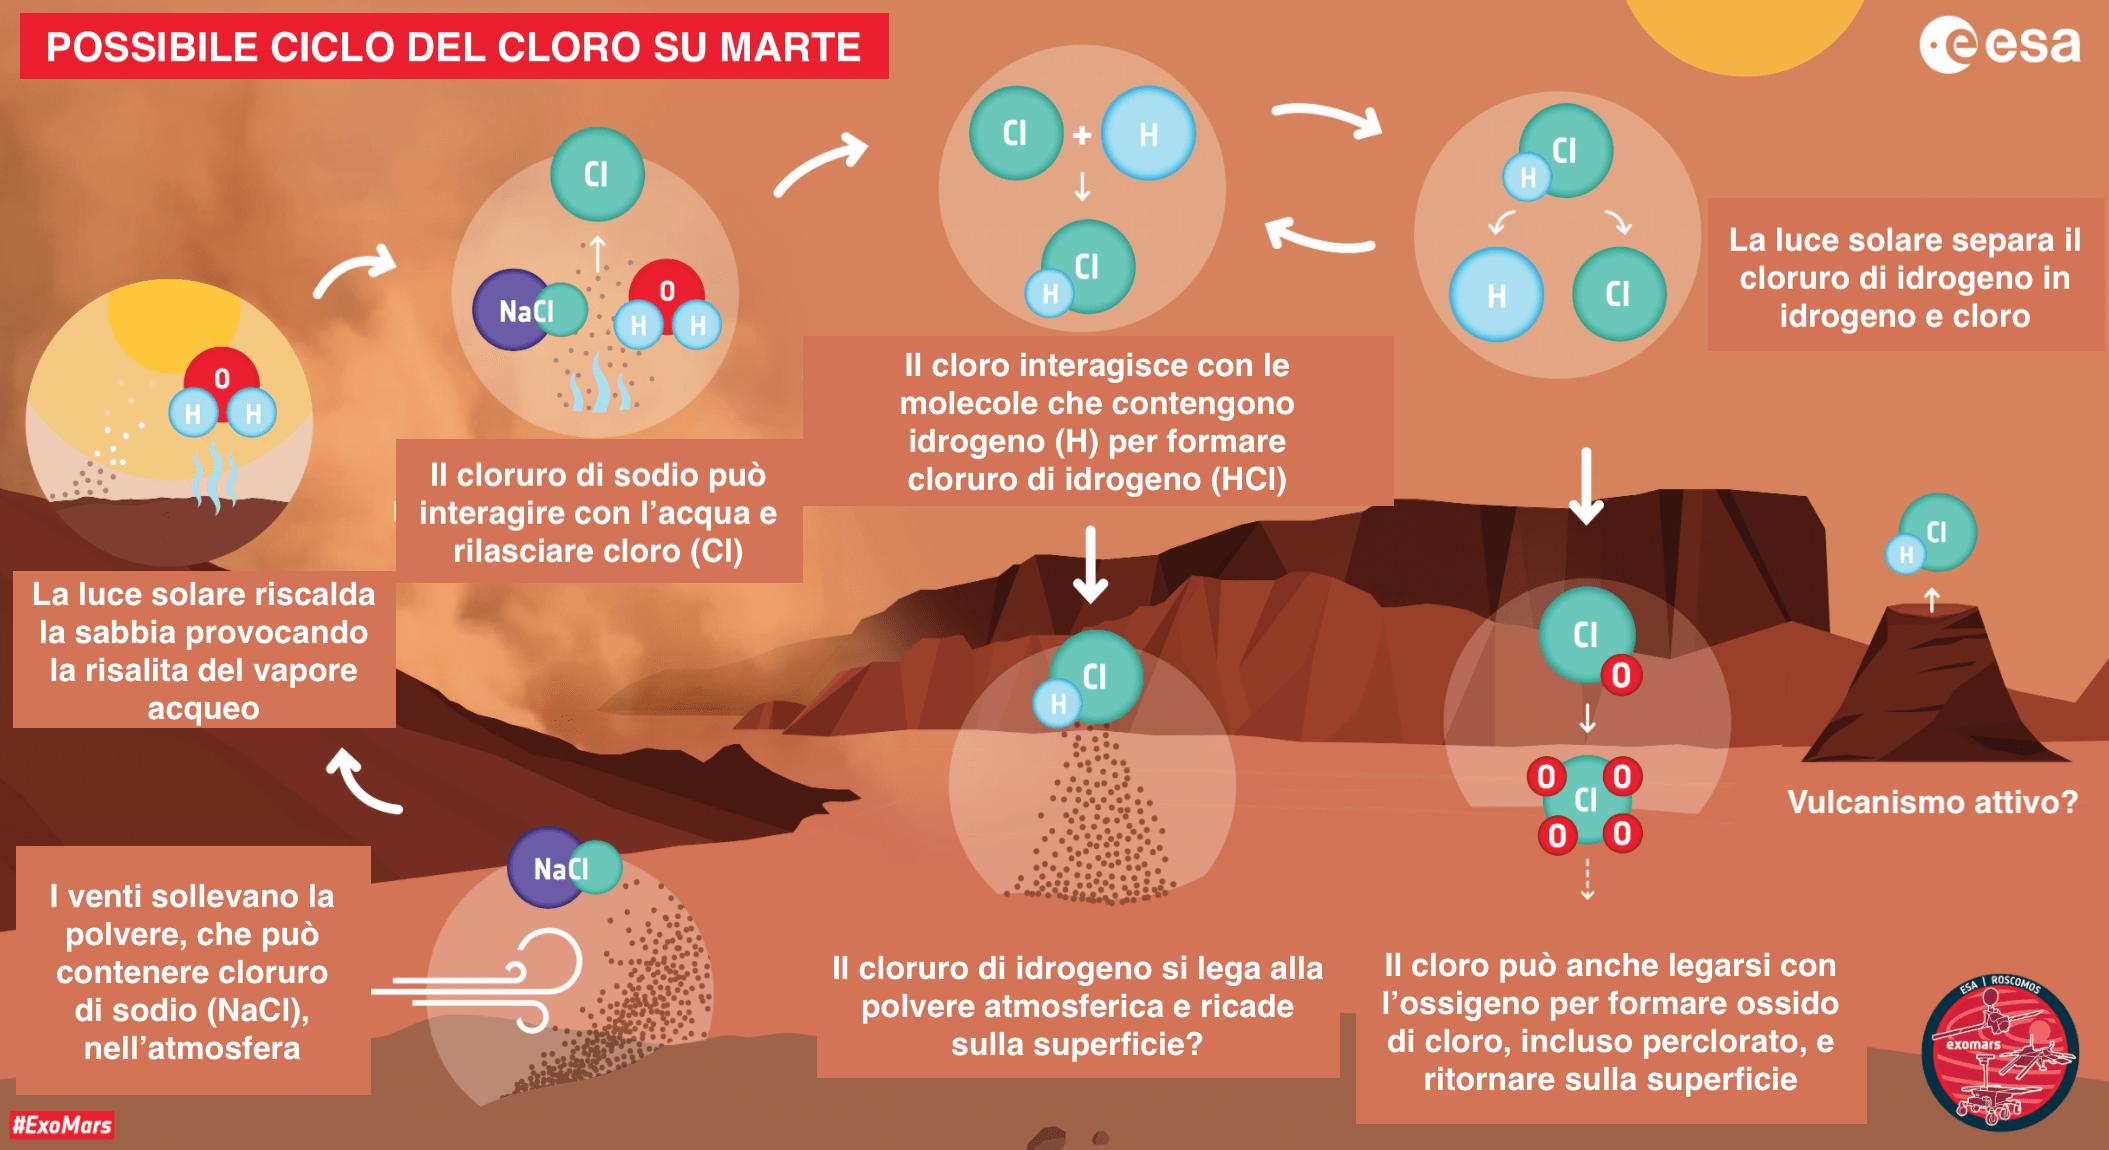 Rappresentazione grafica semplificata del ciclo chimico del cloro teorizzato per spiegare la formazione del cloruro di idrogeno sul pianeta Marte durante le tempeste di sabbia. Credits: ESA. Traduzione Astrospace.it